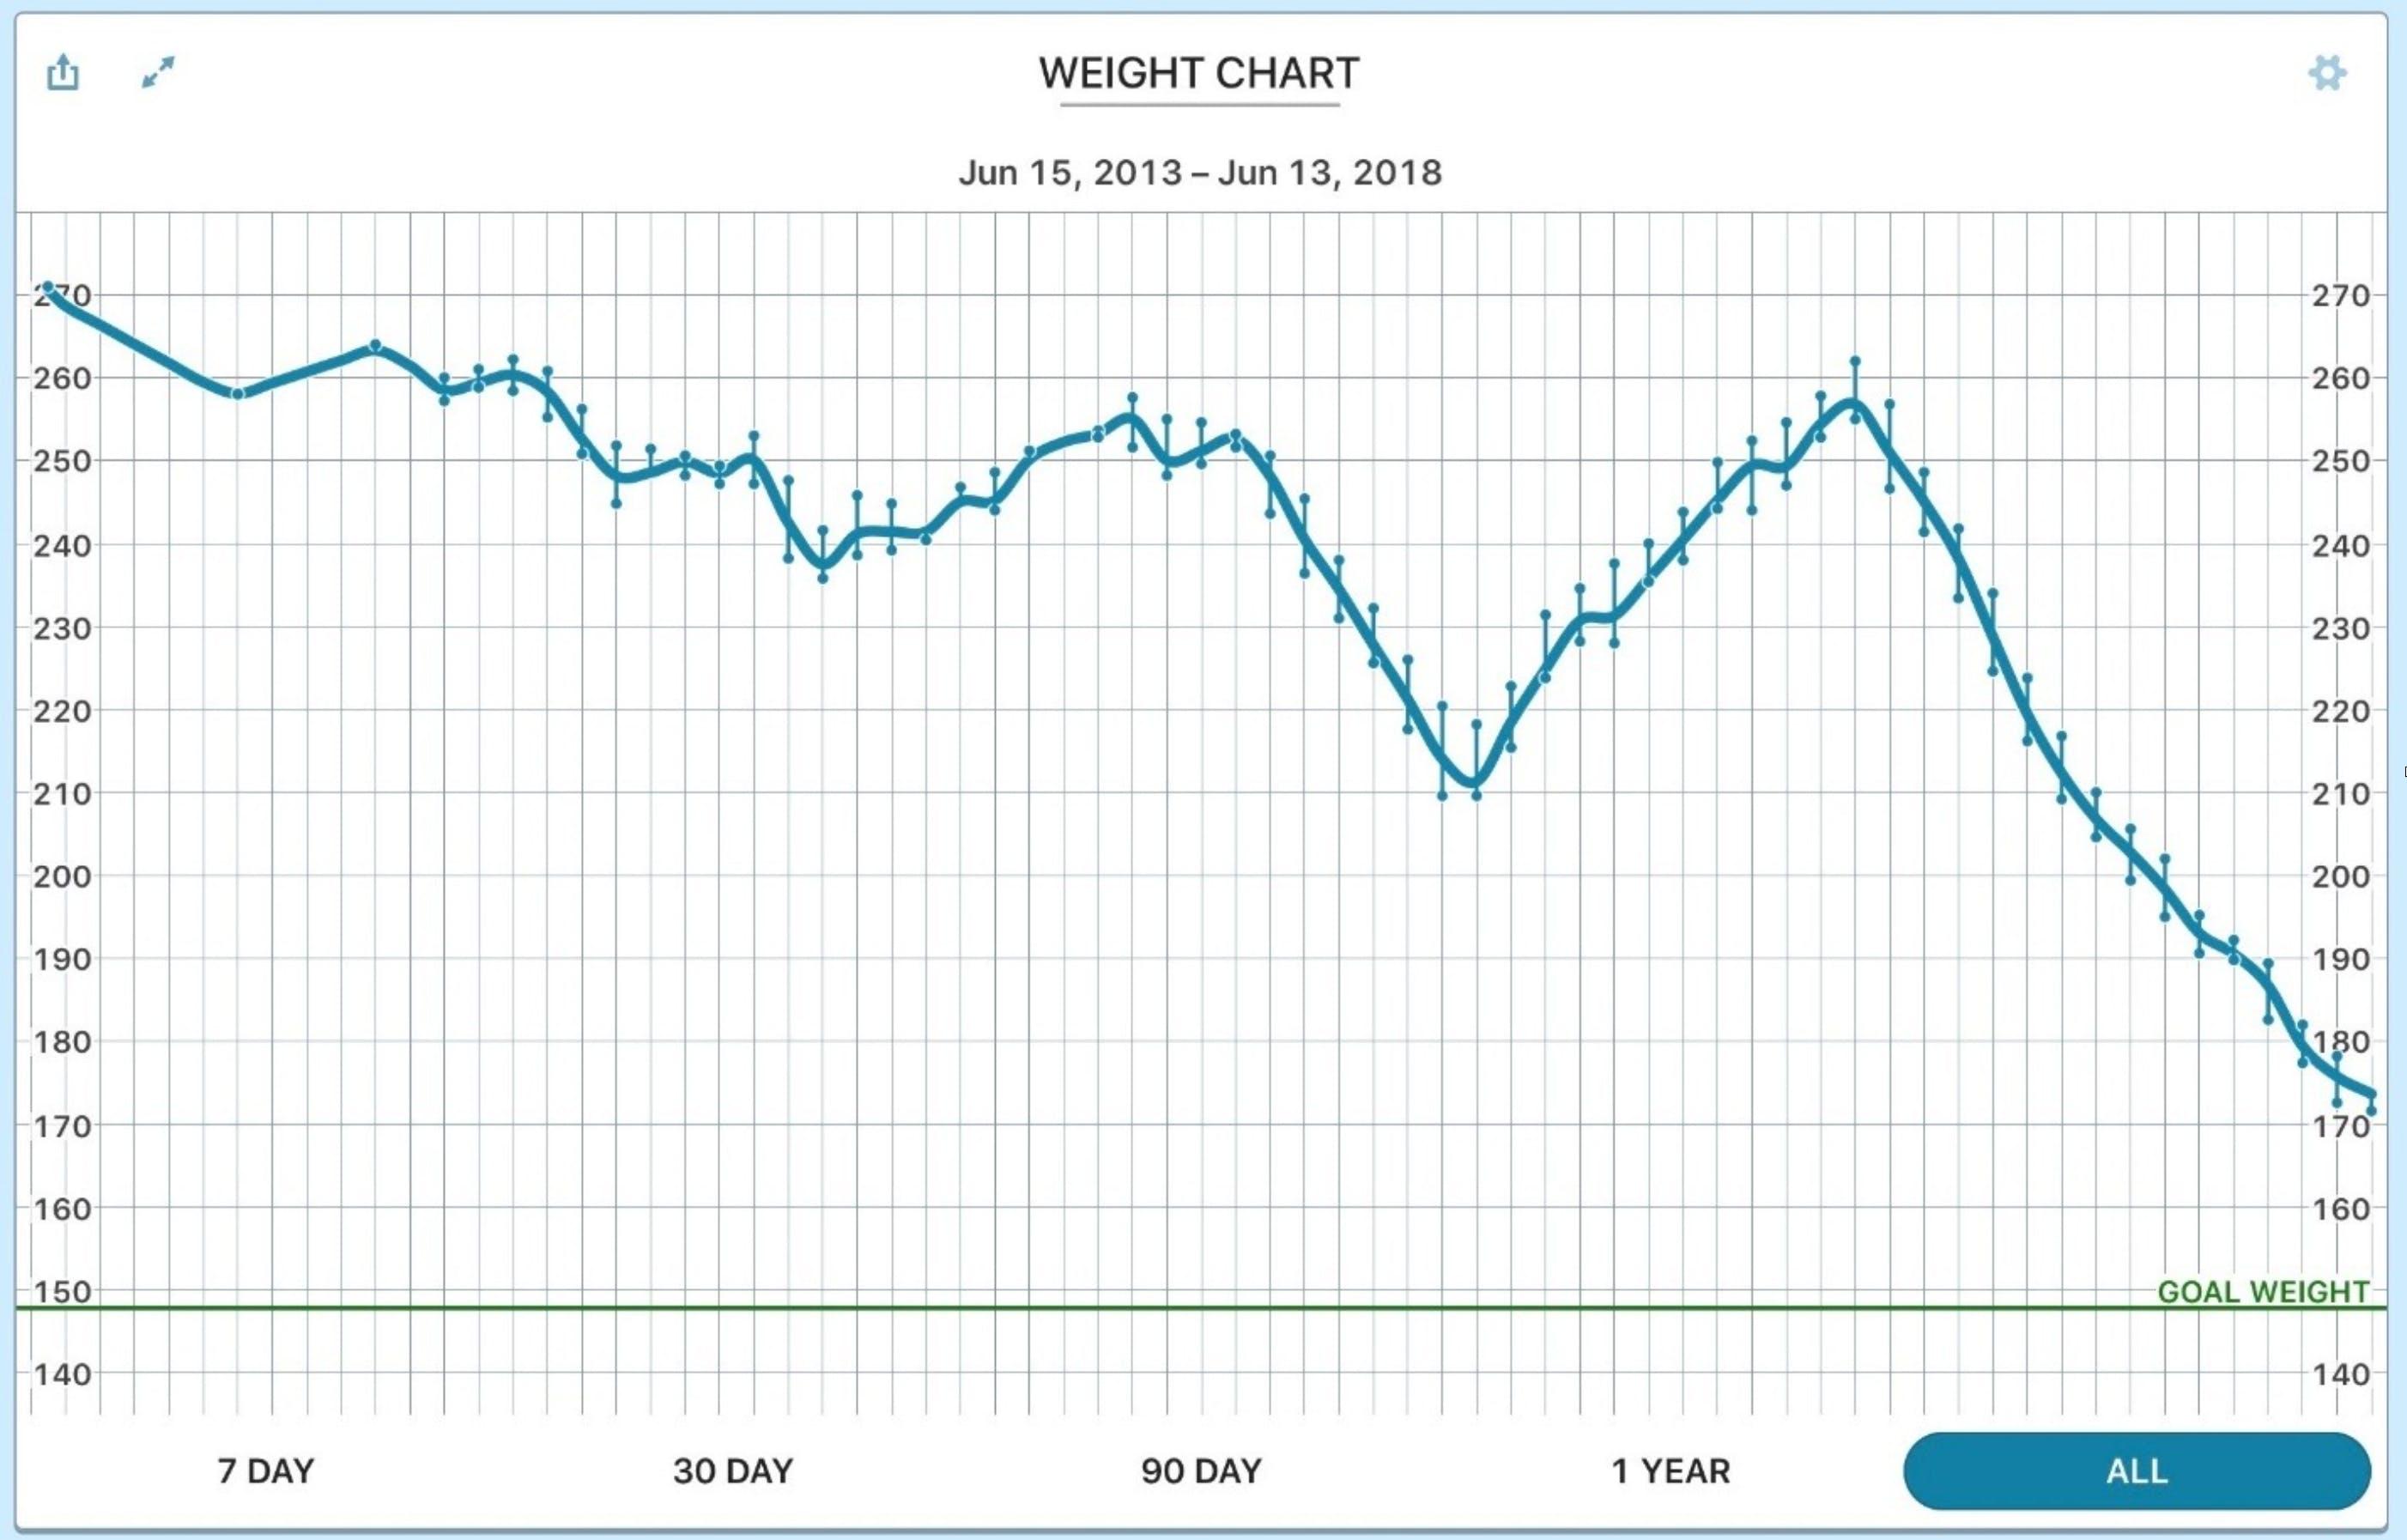 judy-weight-chart